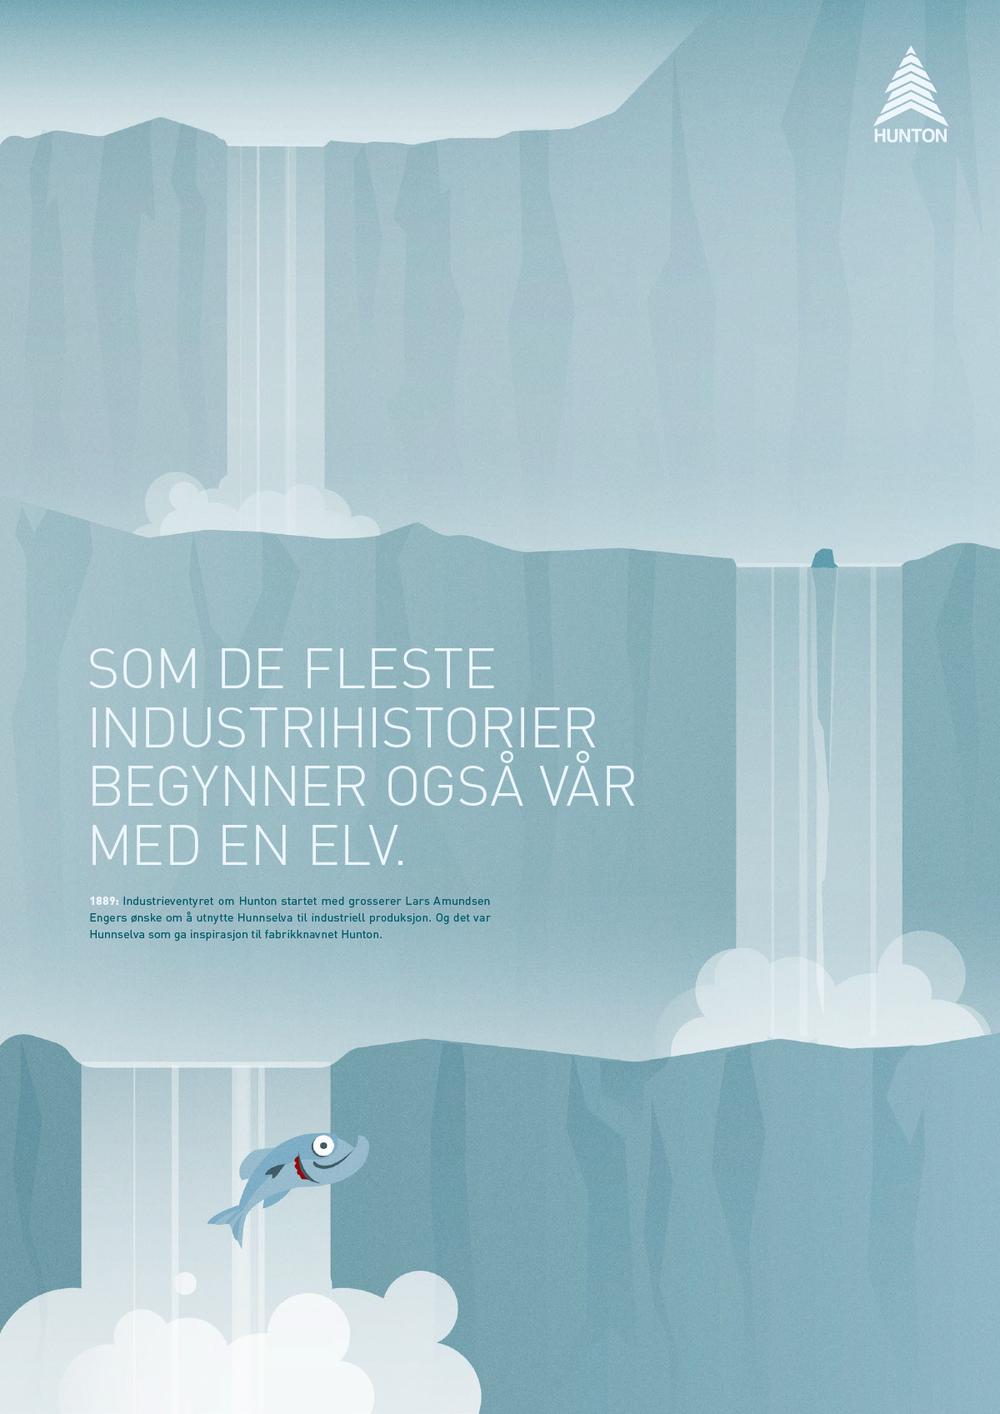 Illustrasjon for Hunton gjort for reklamebyrået Ernö.